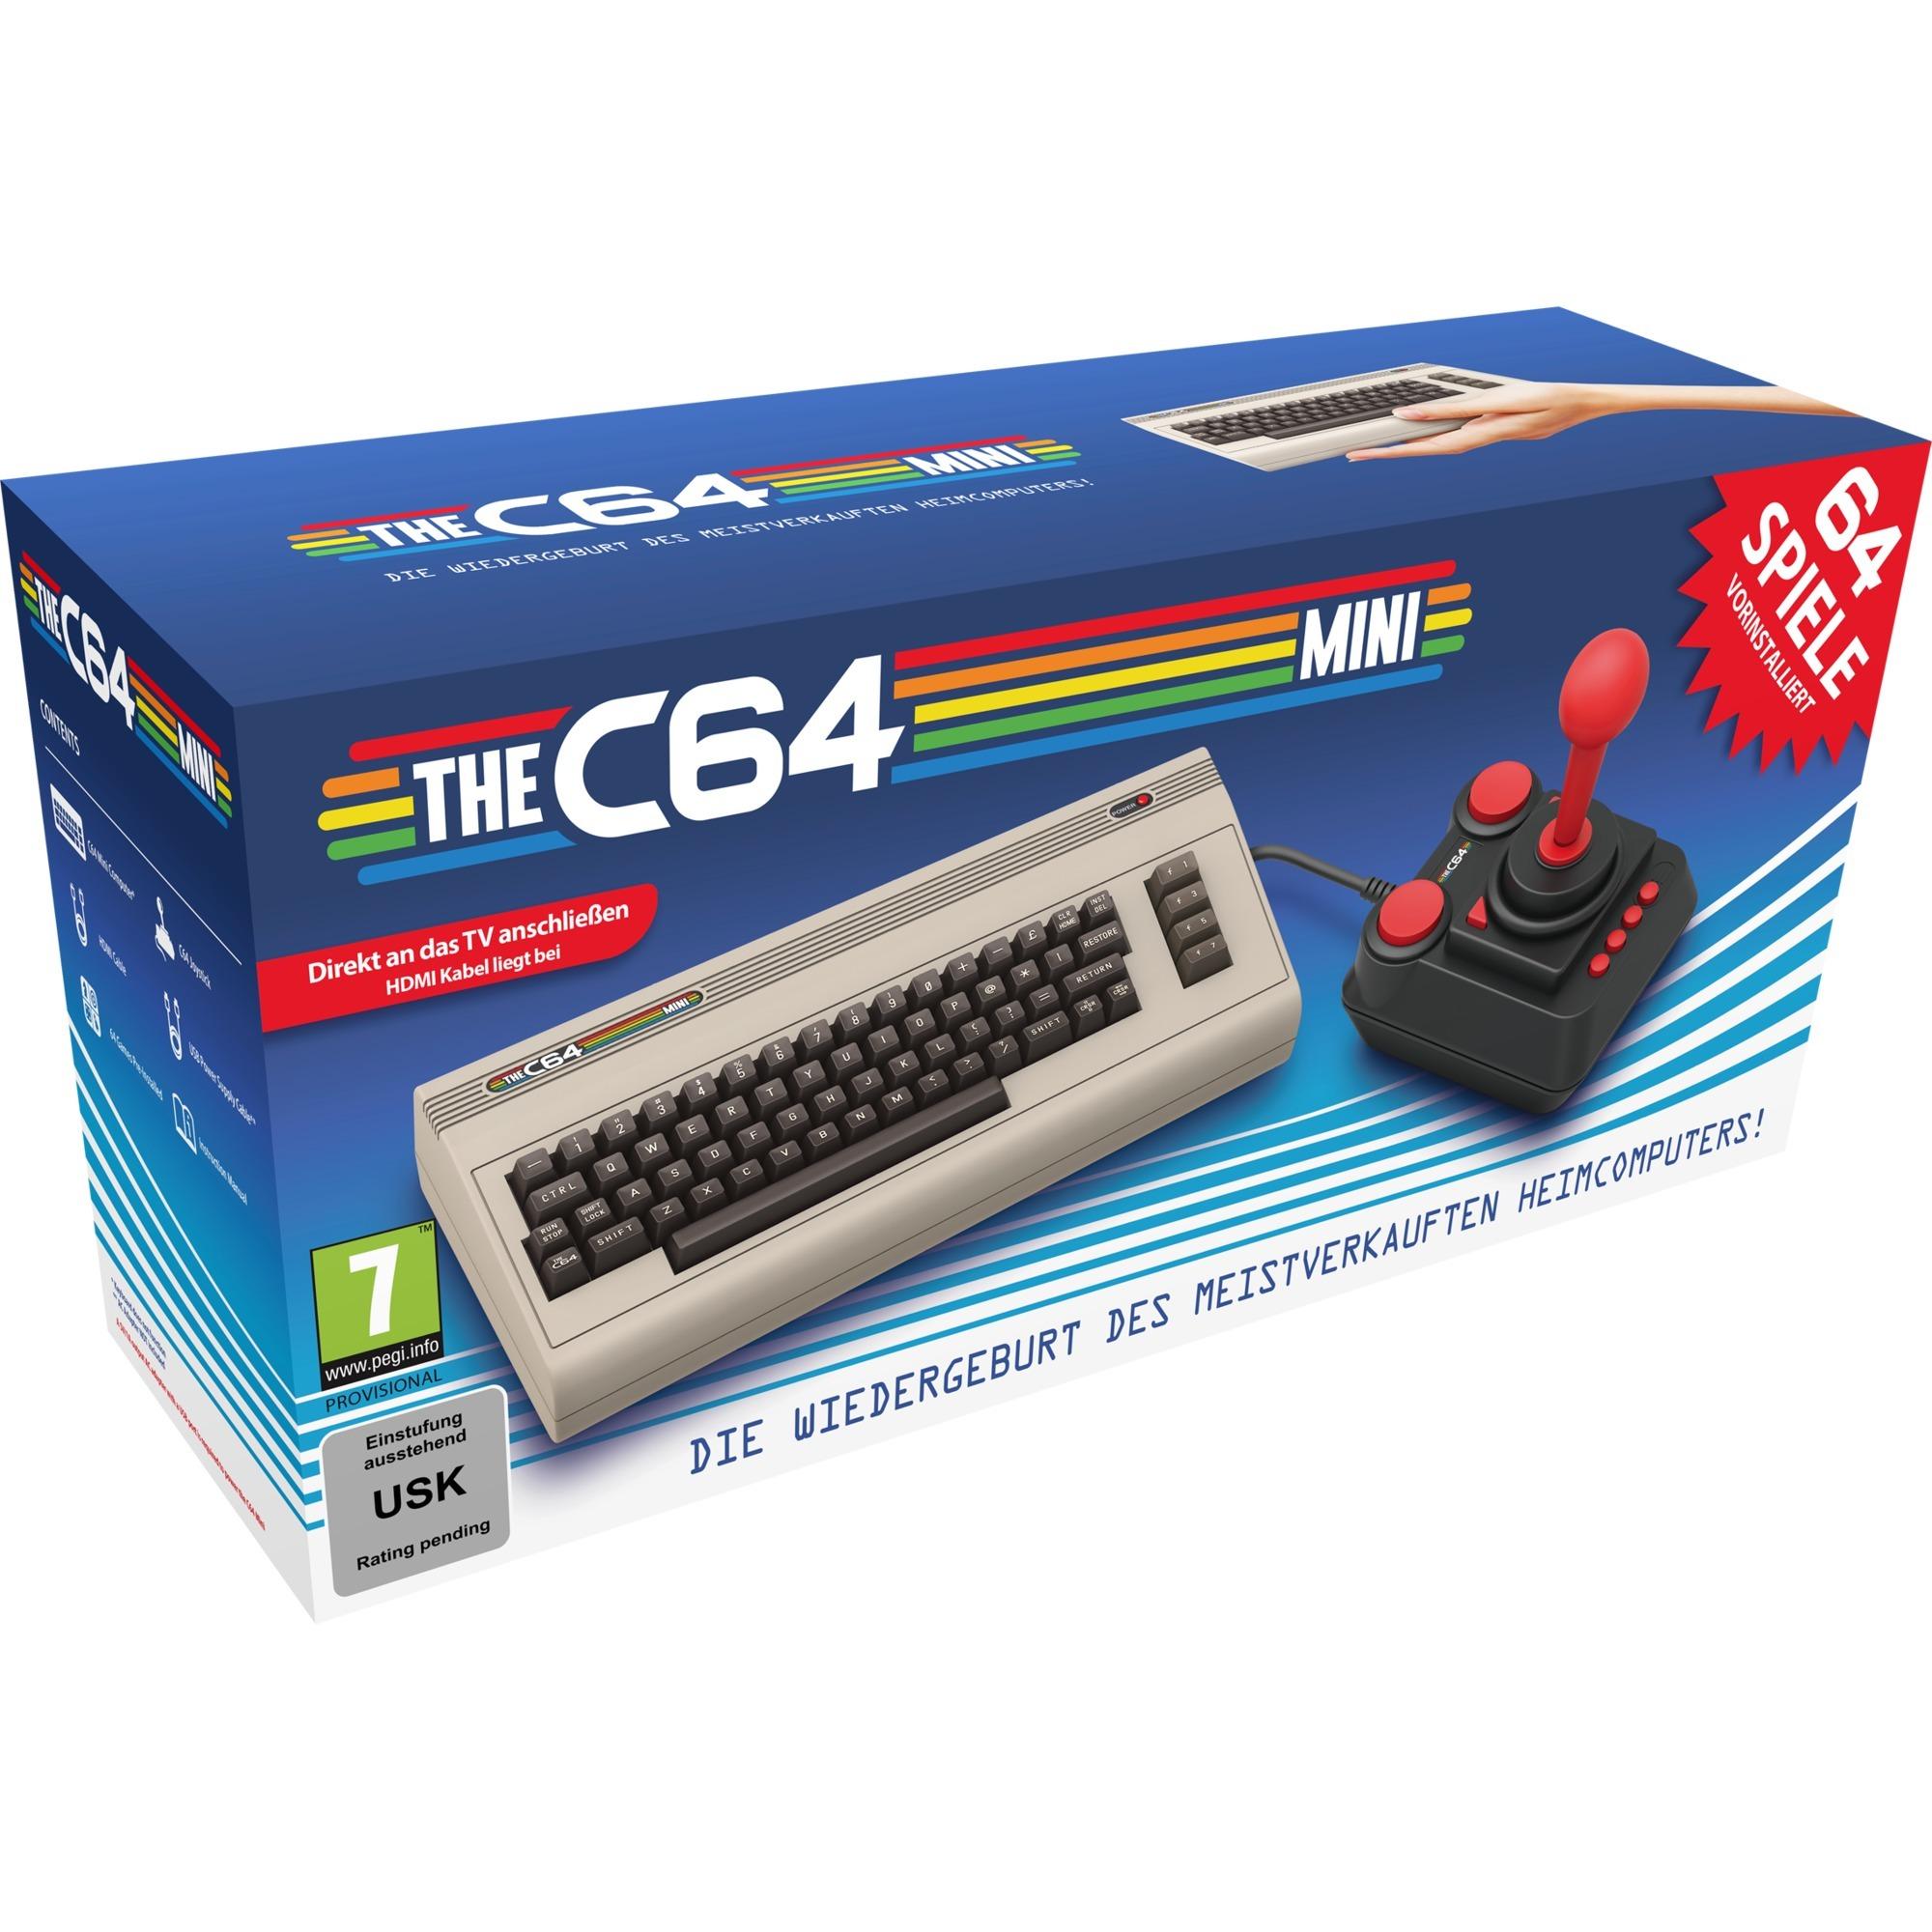 The C64 Mini, Videoconsola